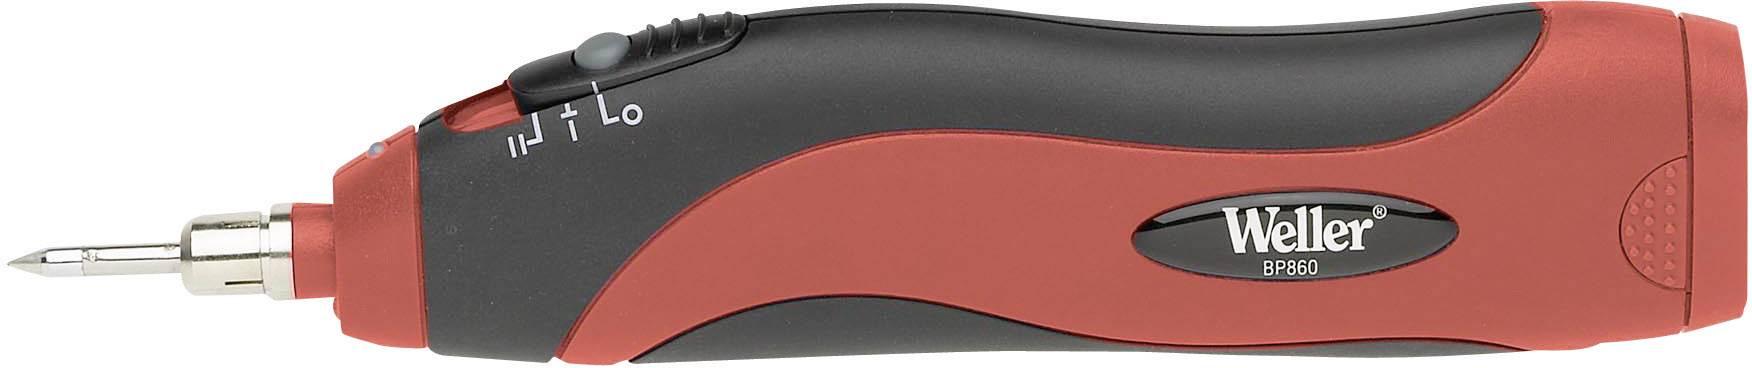 Bateriové spájkovacie pero Weller BP865CEU, 6 V, 6/8 W, spájkovacie hroty tužková, tvar špičky, +450 do +510 °C